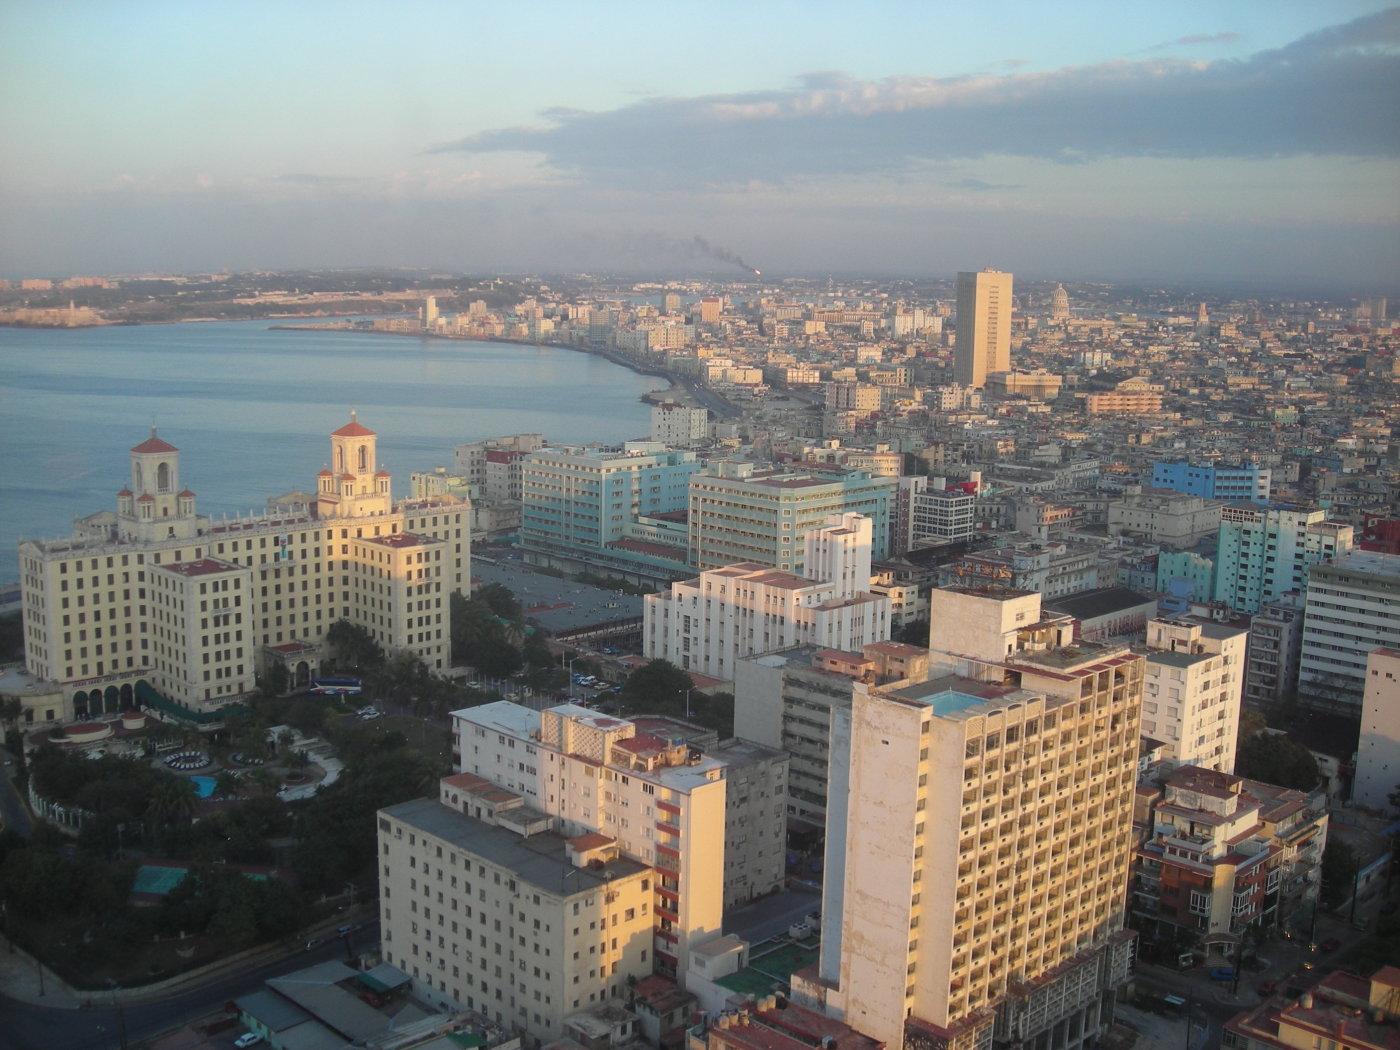 Cuba 2015: Entre la esperanza y la incertidumbre